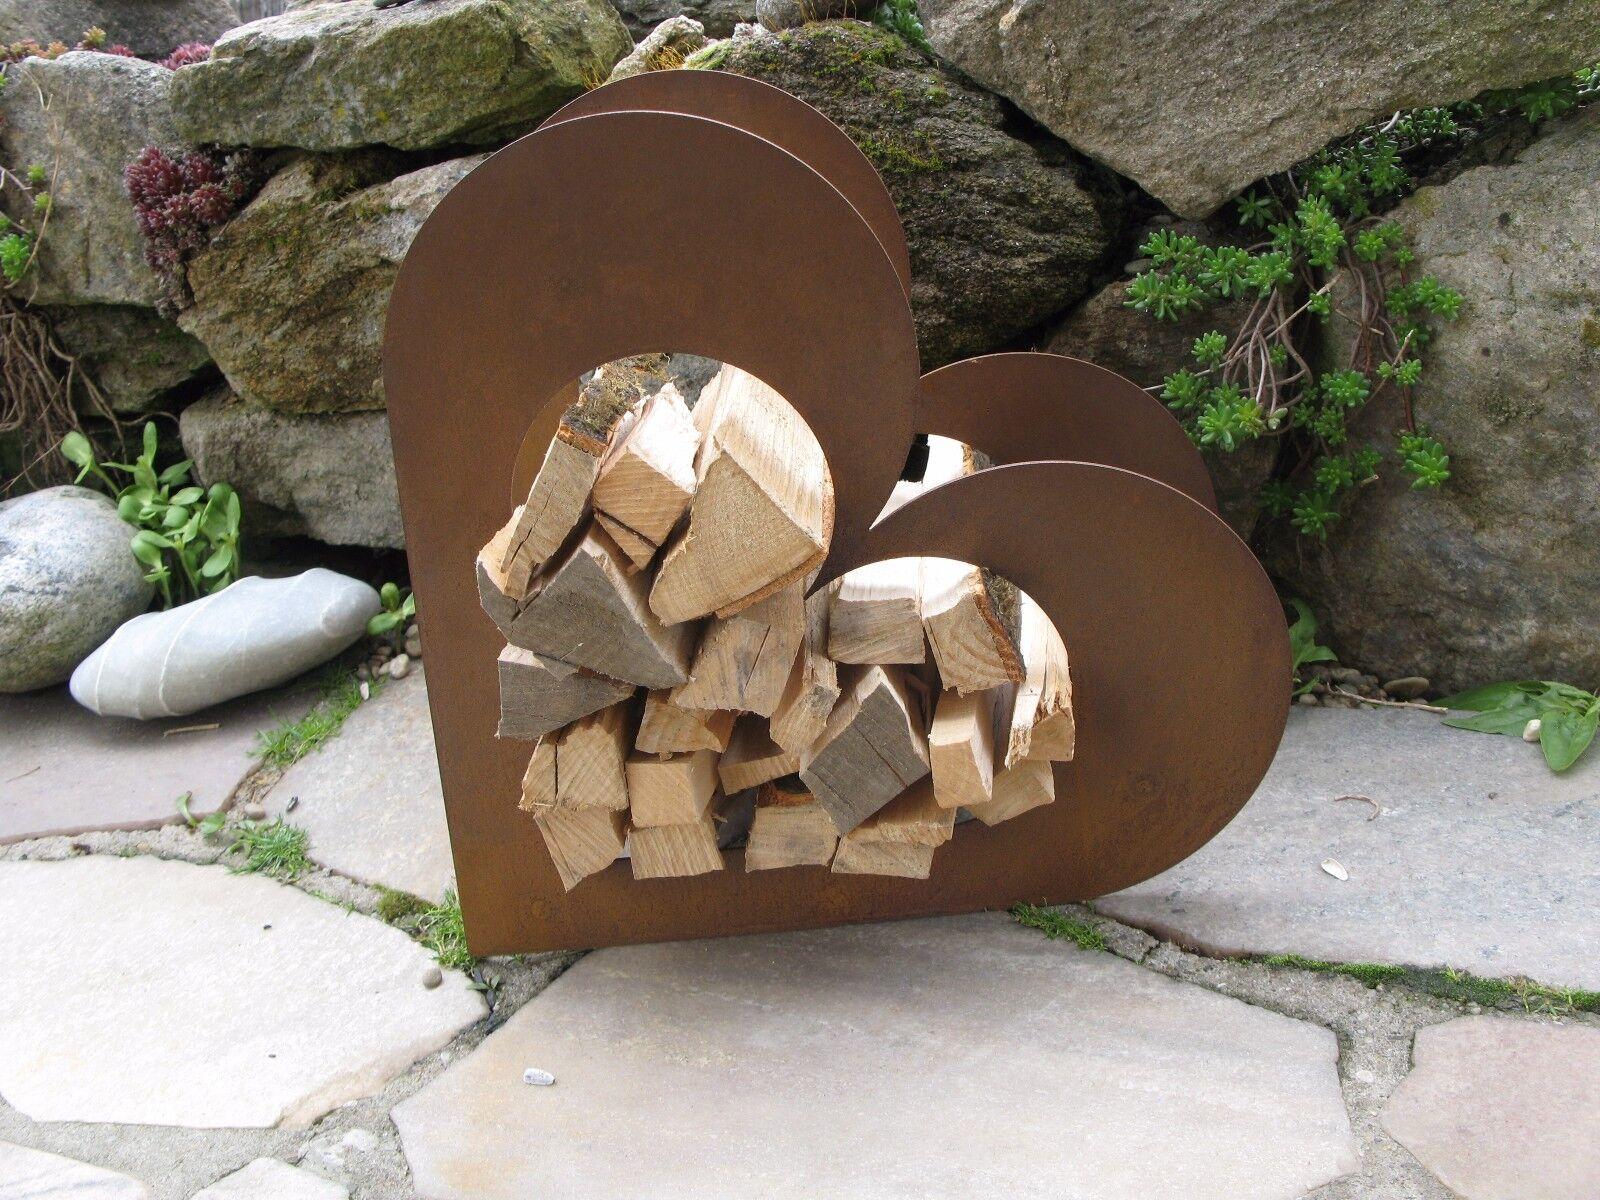 Herz aus Metall - Holz-Regal - Edel-Rost - Garten Terrasse - Deko - klein